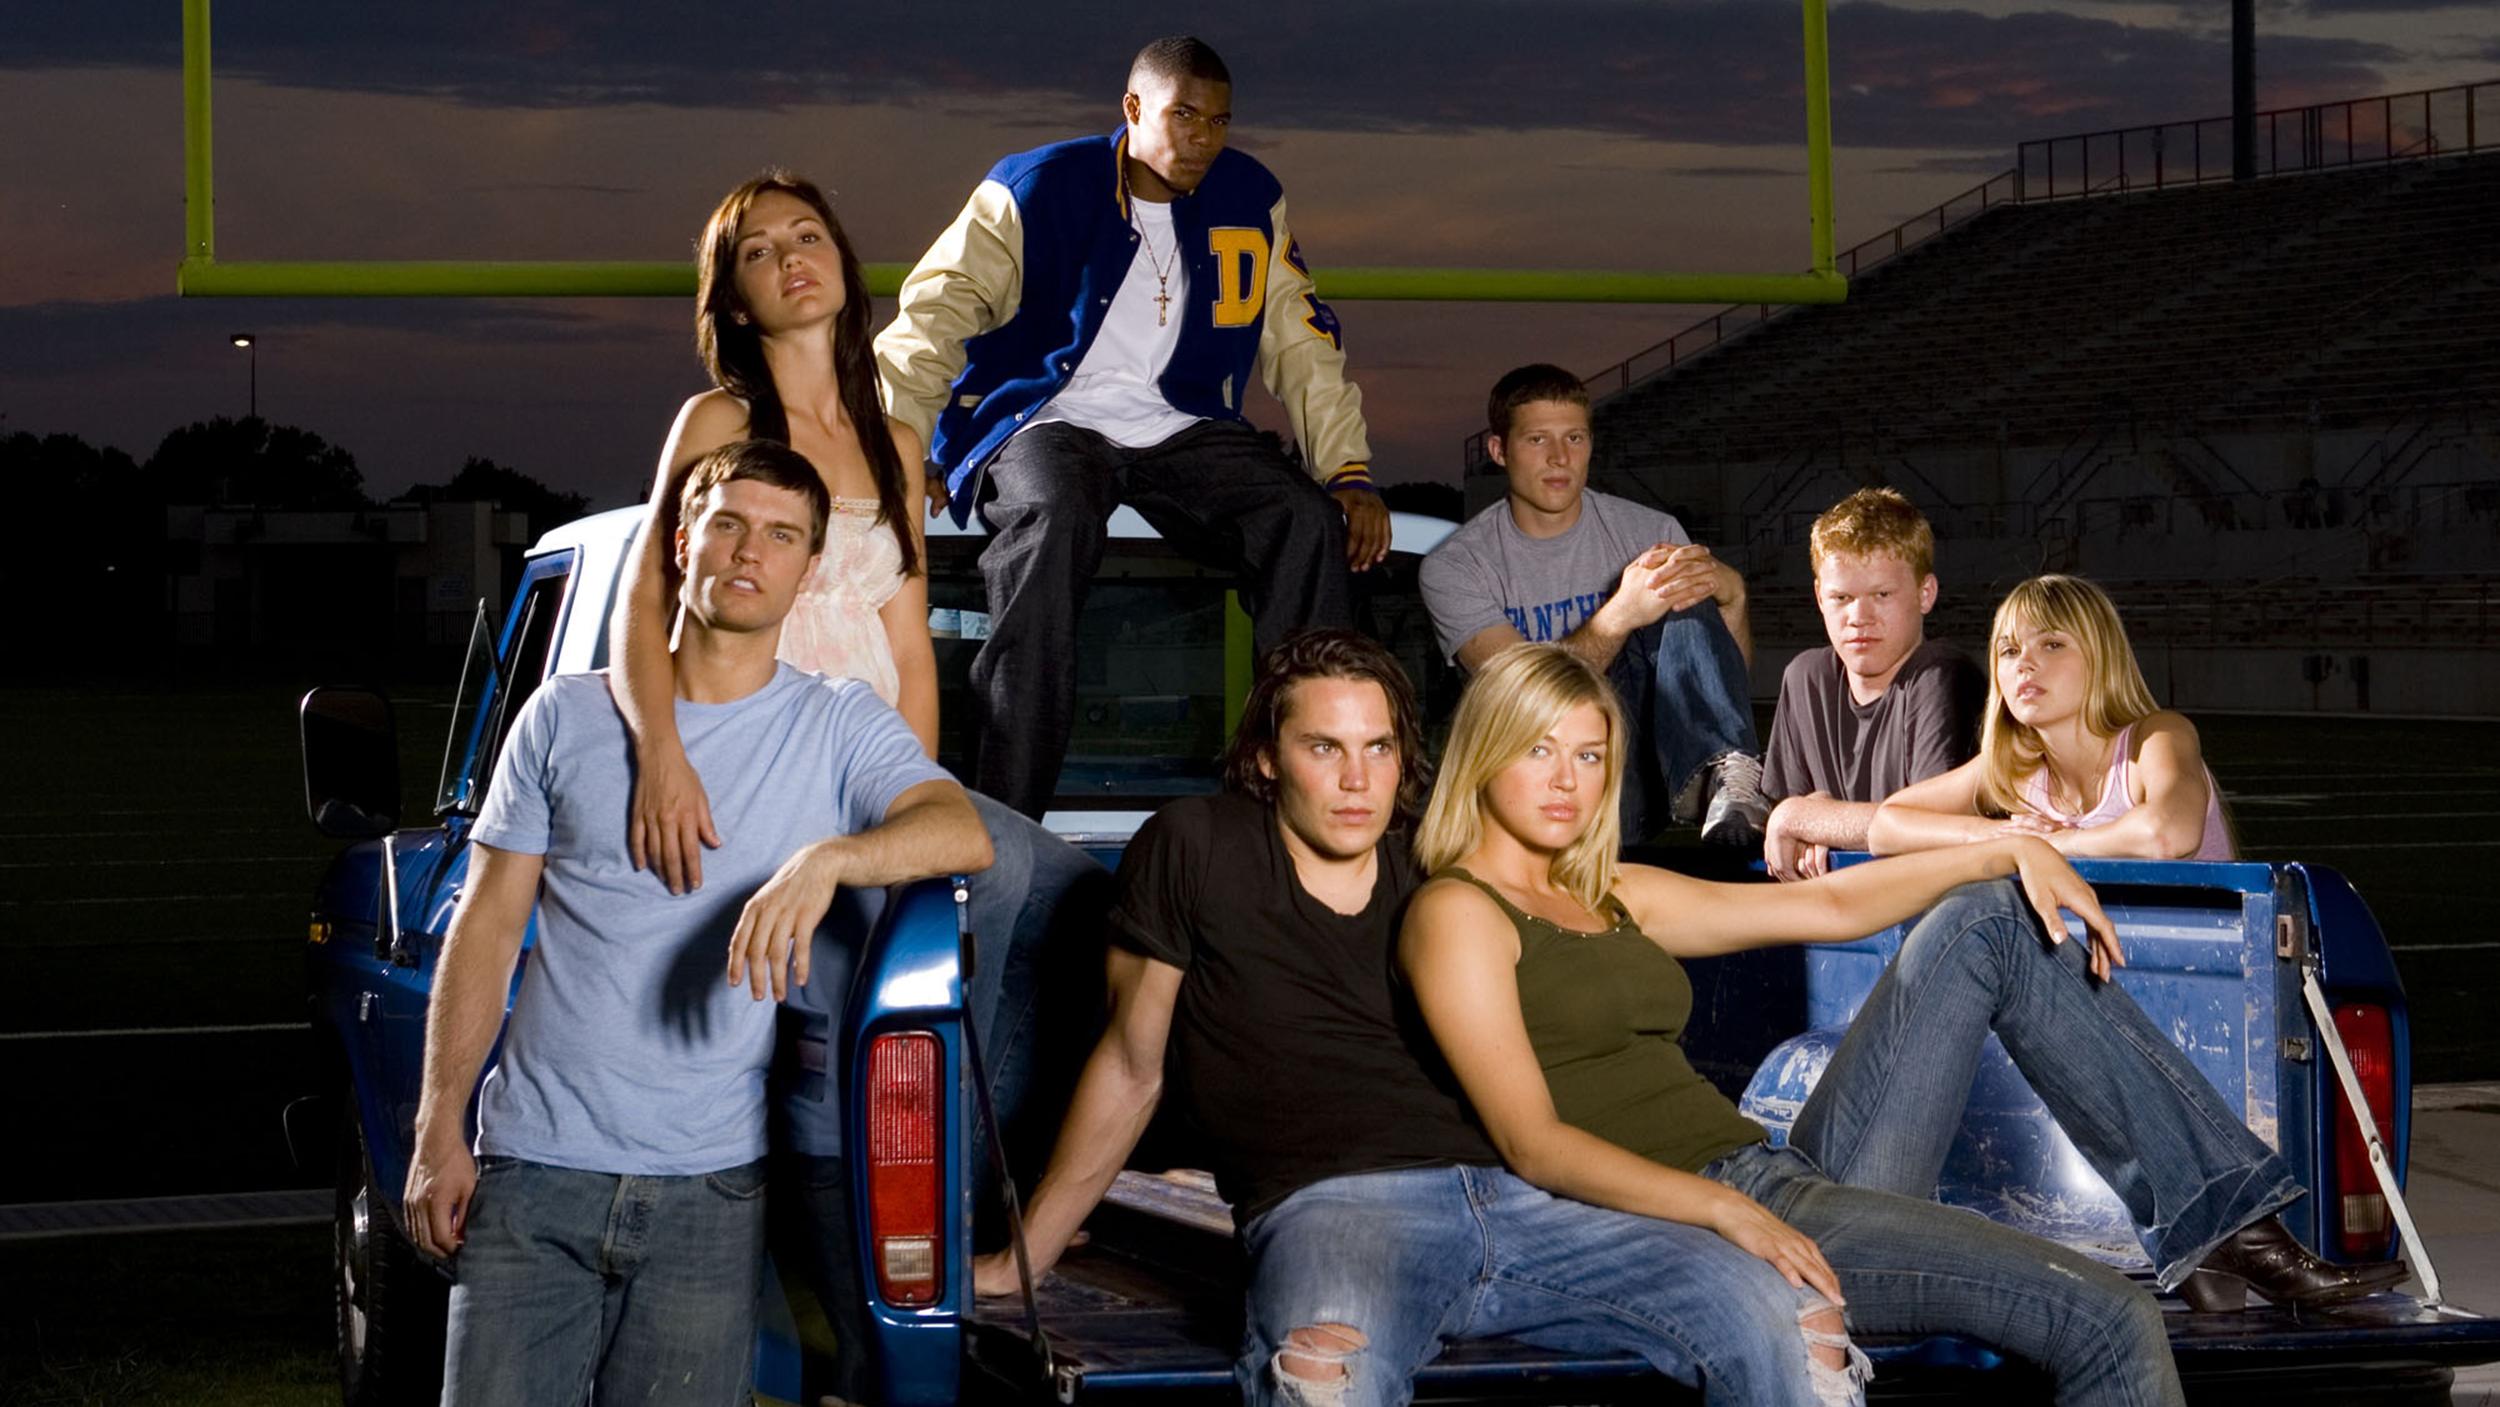 Friday Night Lights: un'immagine promozionale per i membri del cast